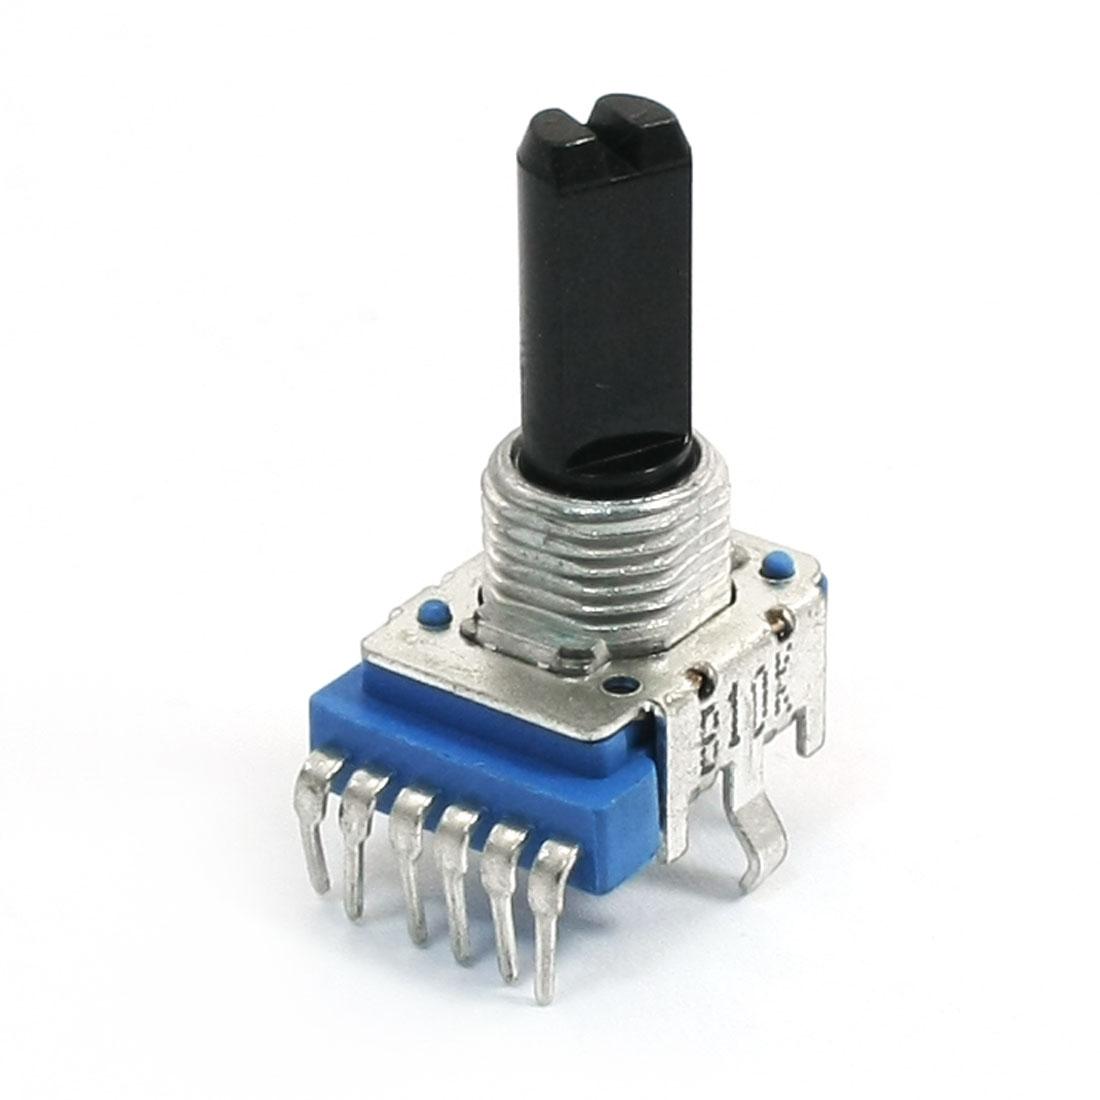 Stereo B10K 10K Ohm Single Linear Taper Volume Control Potentiometer